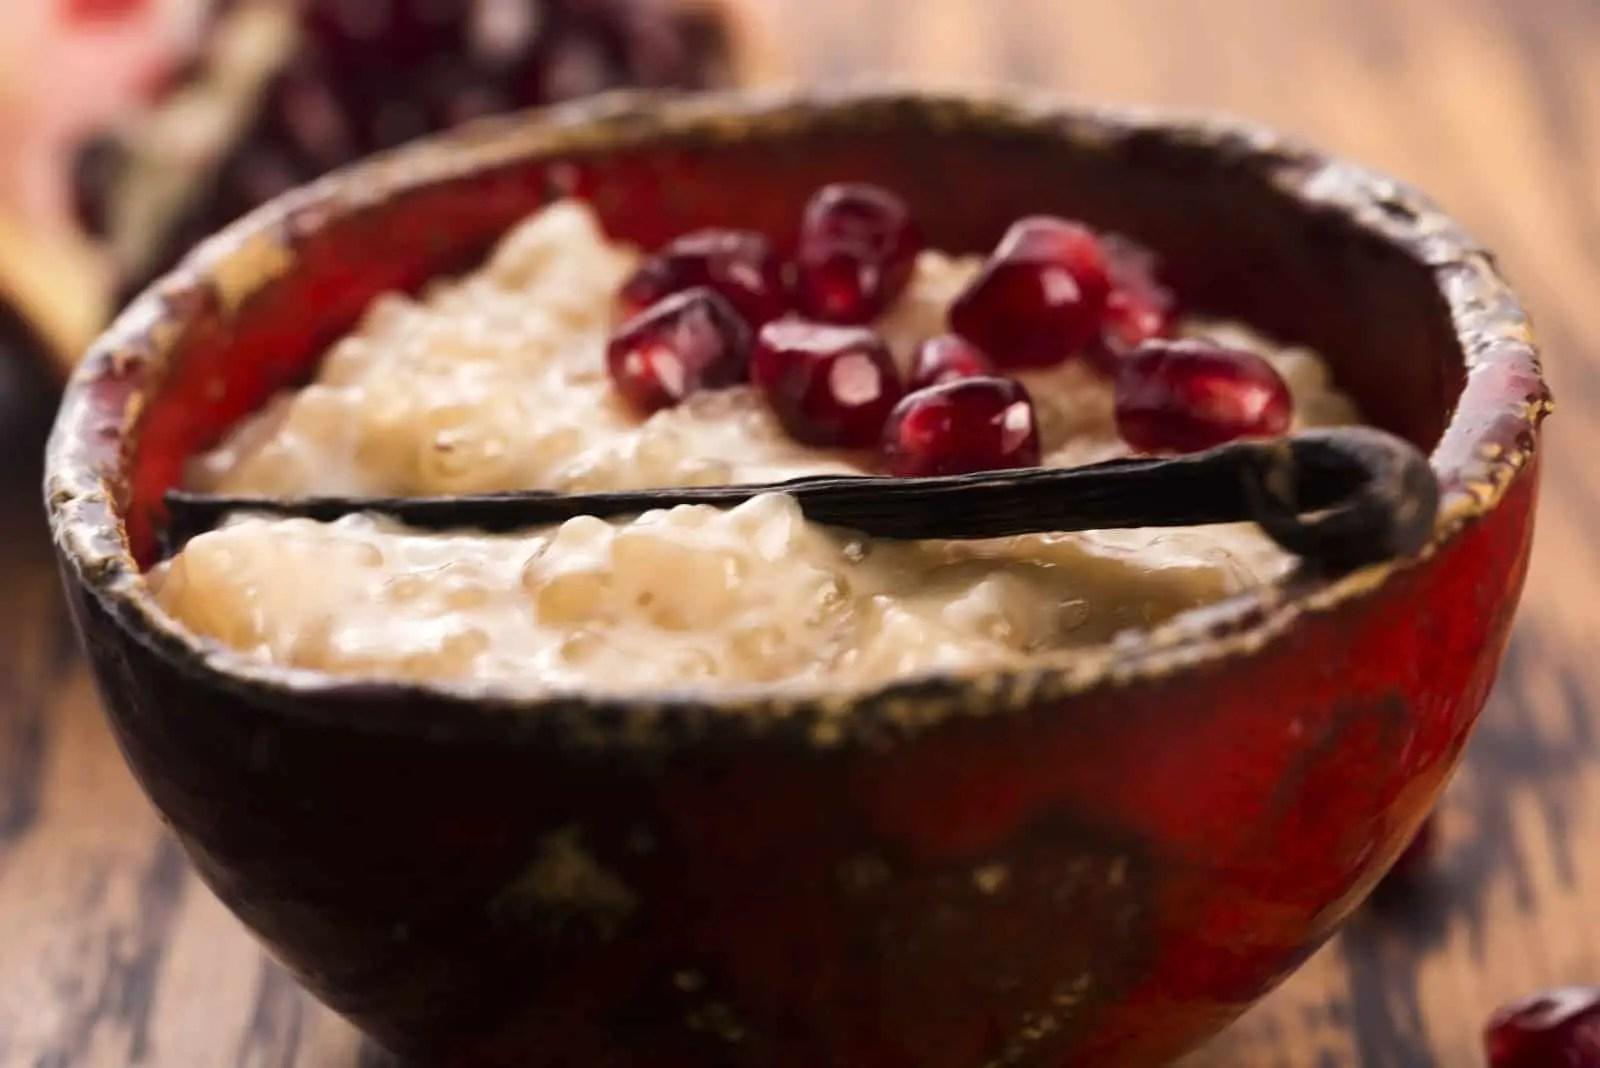 Can You Freeze Tapioca Pudding?